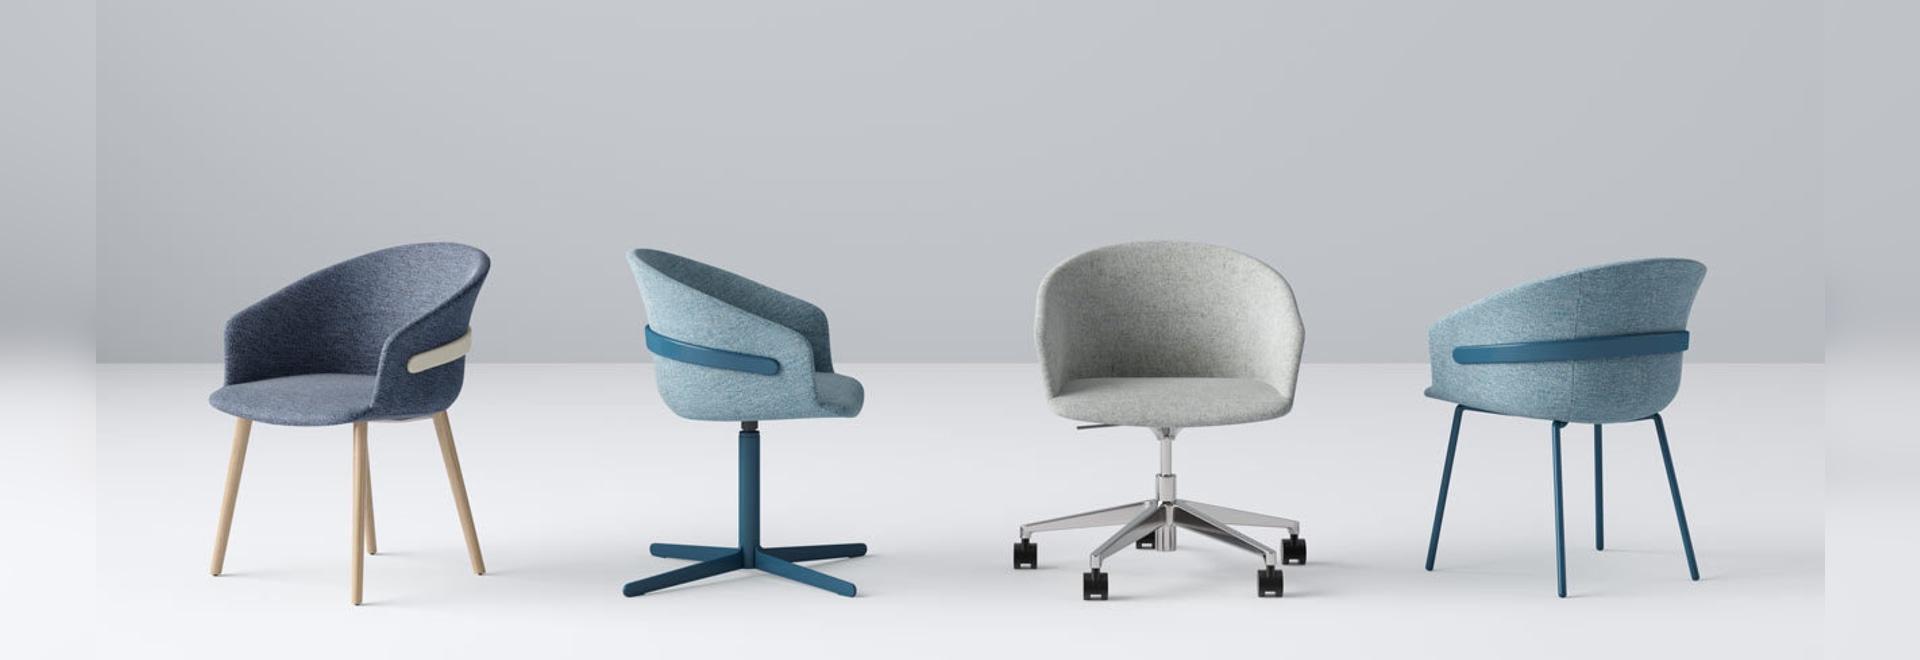 Claesson Koivisto Rune progetta la collezione di sedie Clip per lo Studio TK